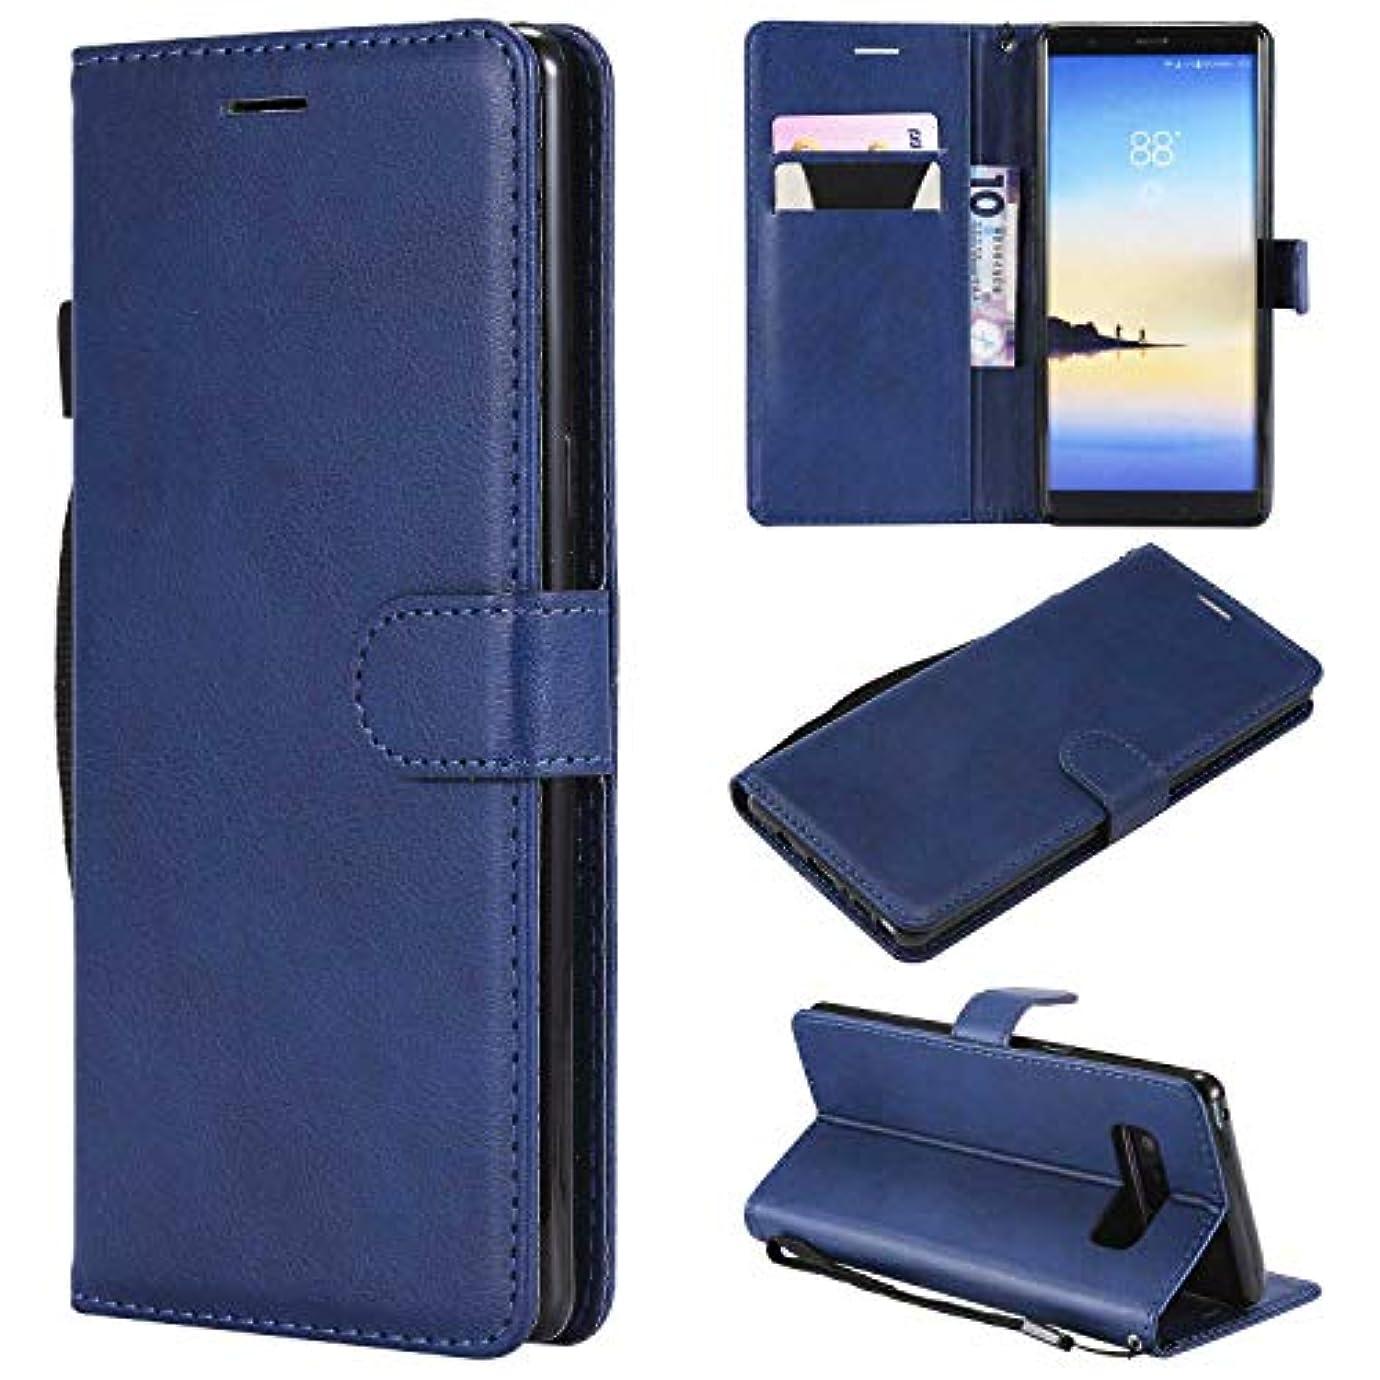 浴室指定する研究Galaxy Note 8 ケース手帳型 OMATENTI レザー 革 薄型 手帳型カバー カード入れ スタンド機能 サムスン Galaxy Note 8 おしゃれ 手帳ケース (6-ブルー)